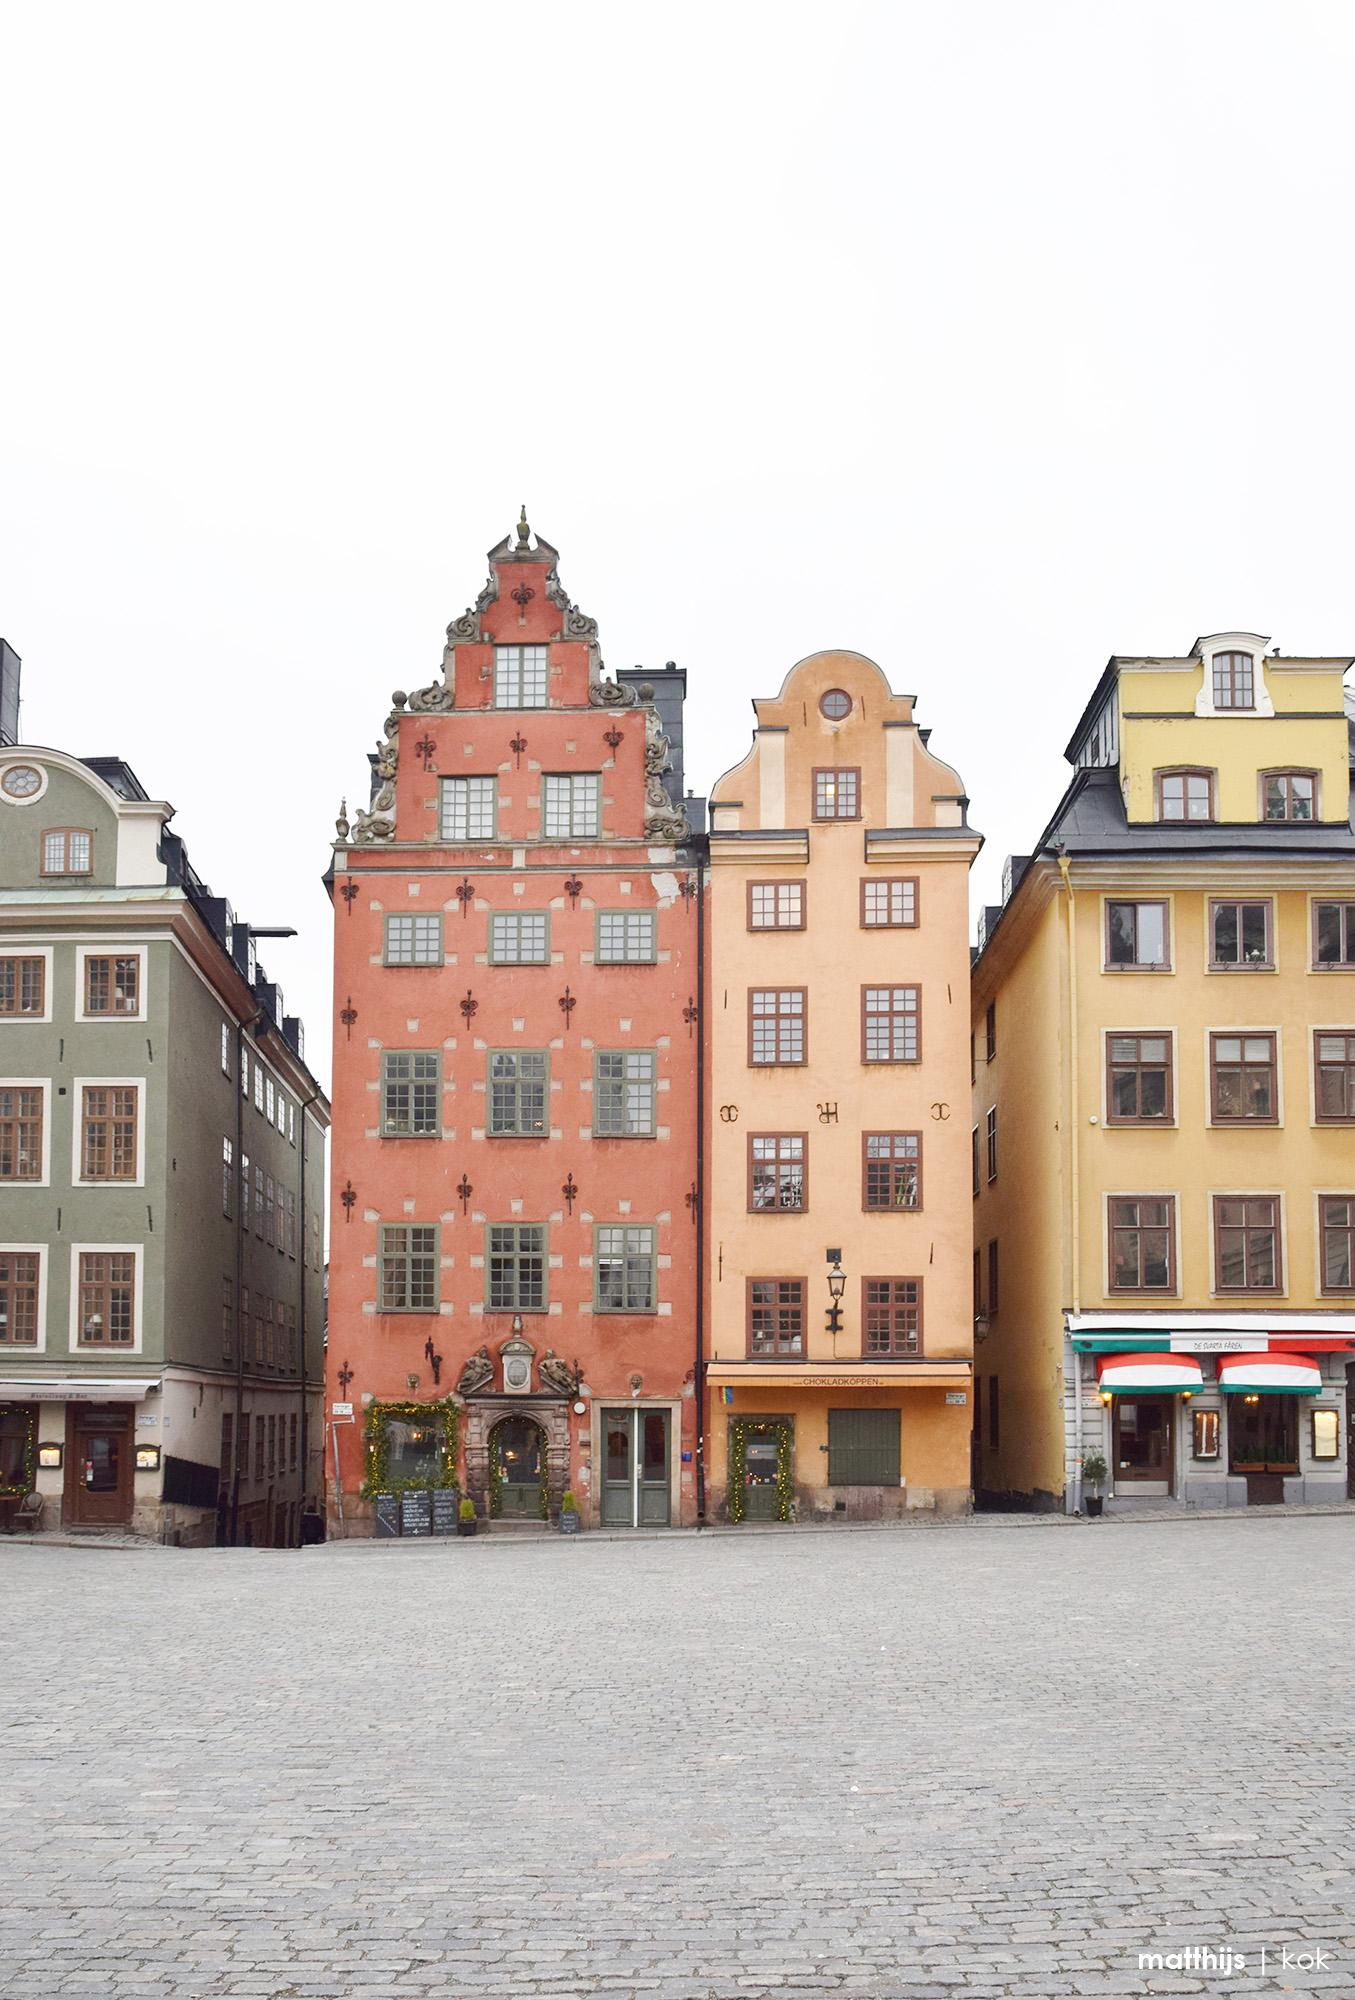 Stortorget, Gamla Stan, Stockholm, Sweden | Photo by Matthijs Kok